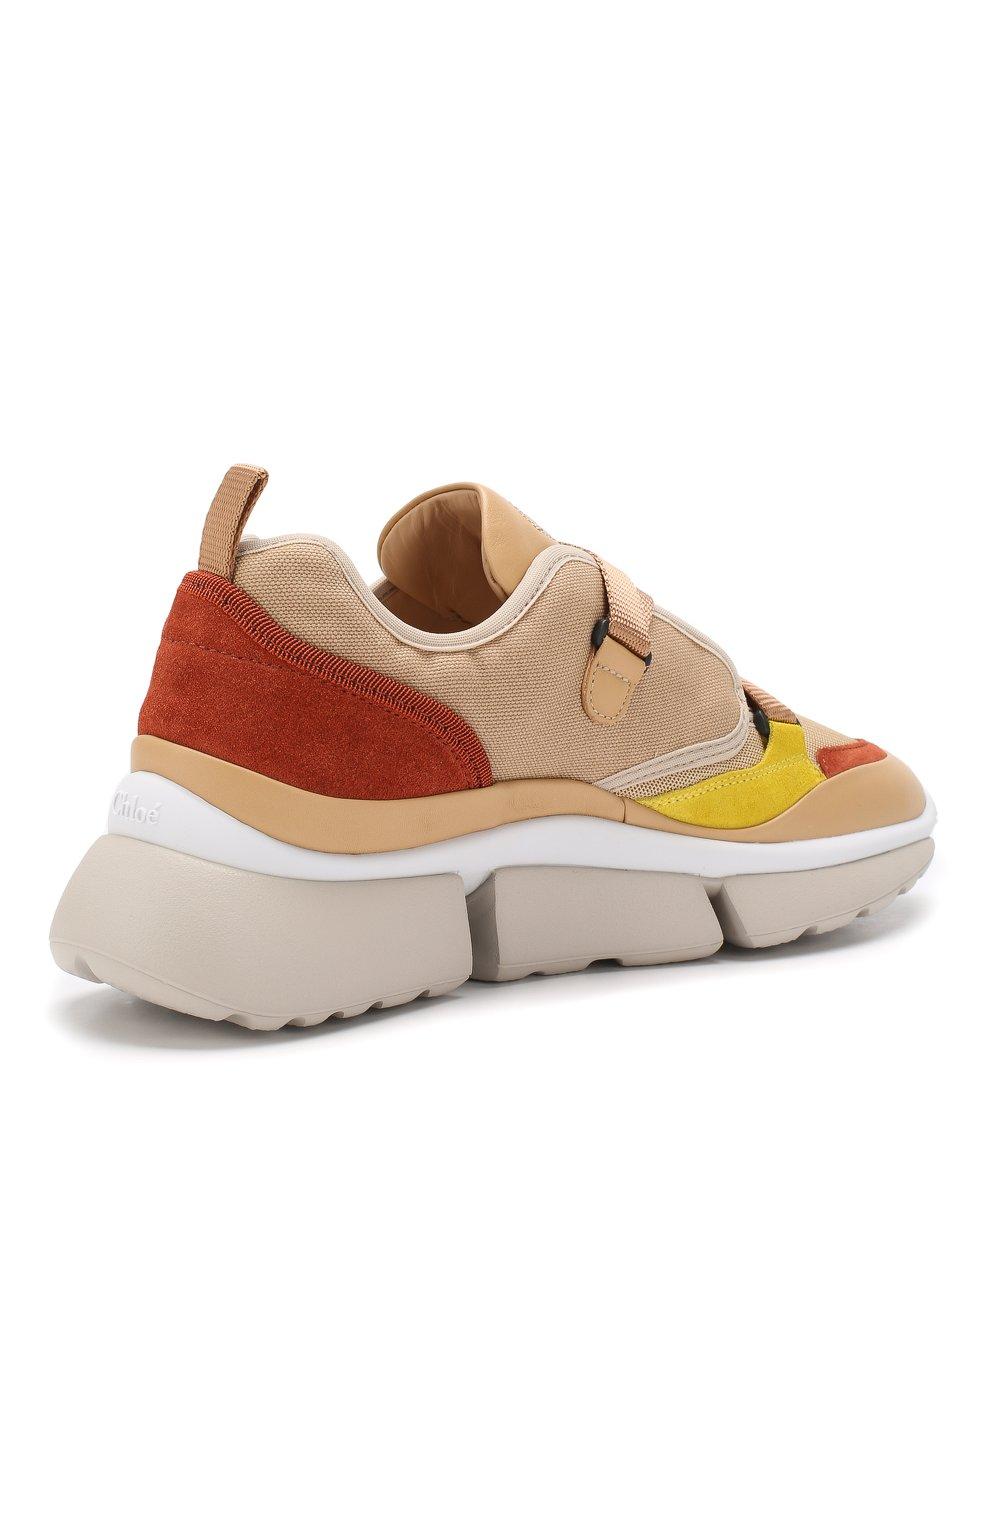 Комбинированные кроссовки Sonnie Chloé бежевые | Фото №4